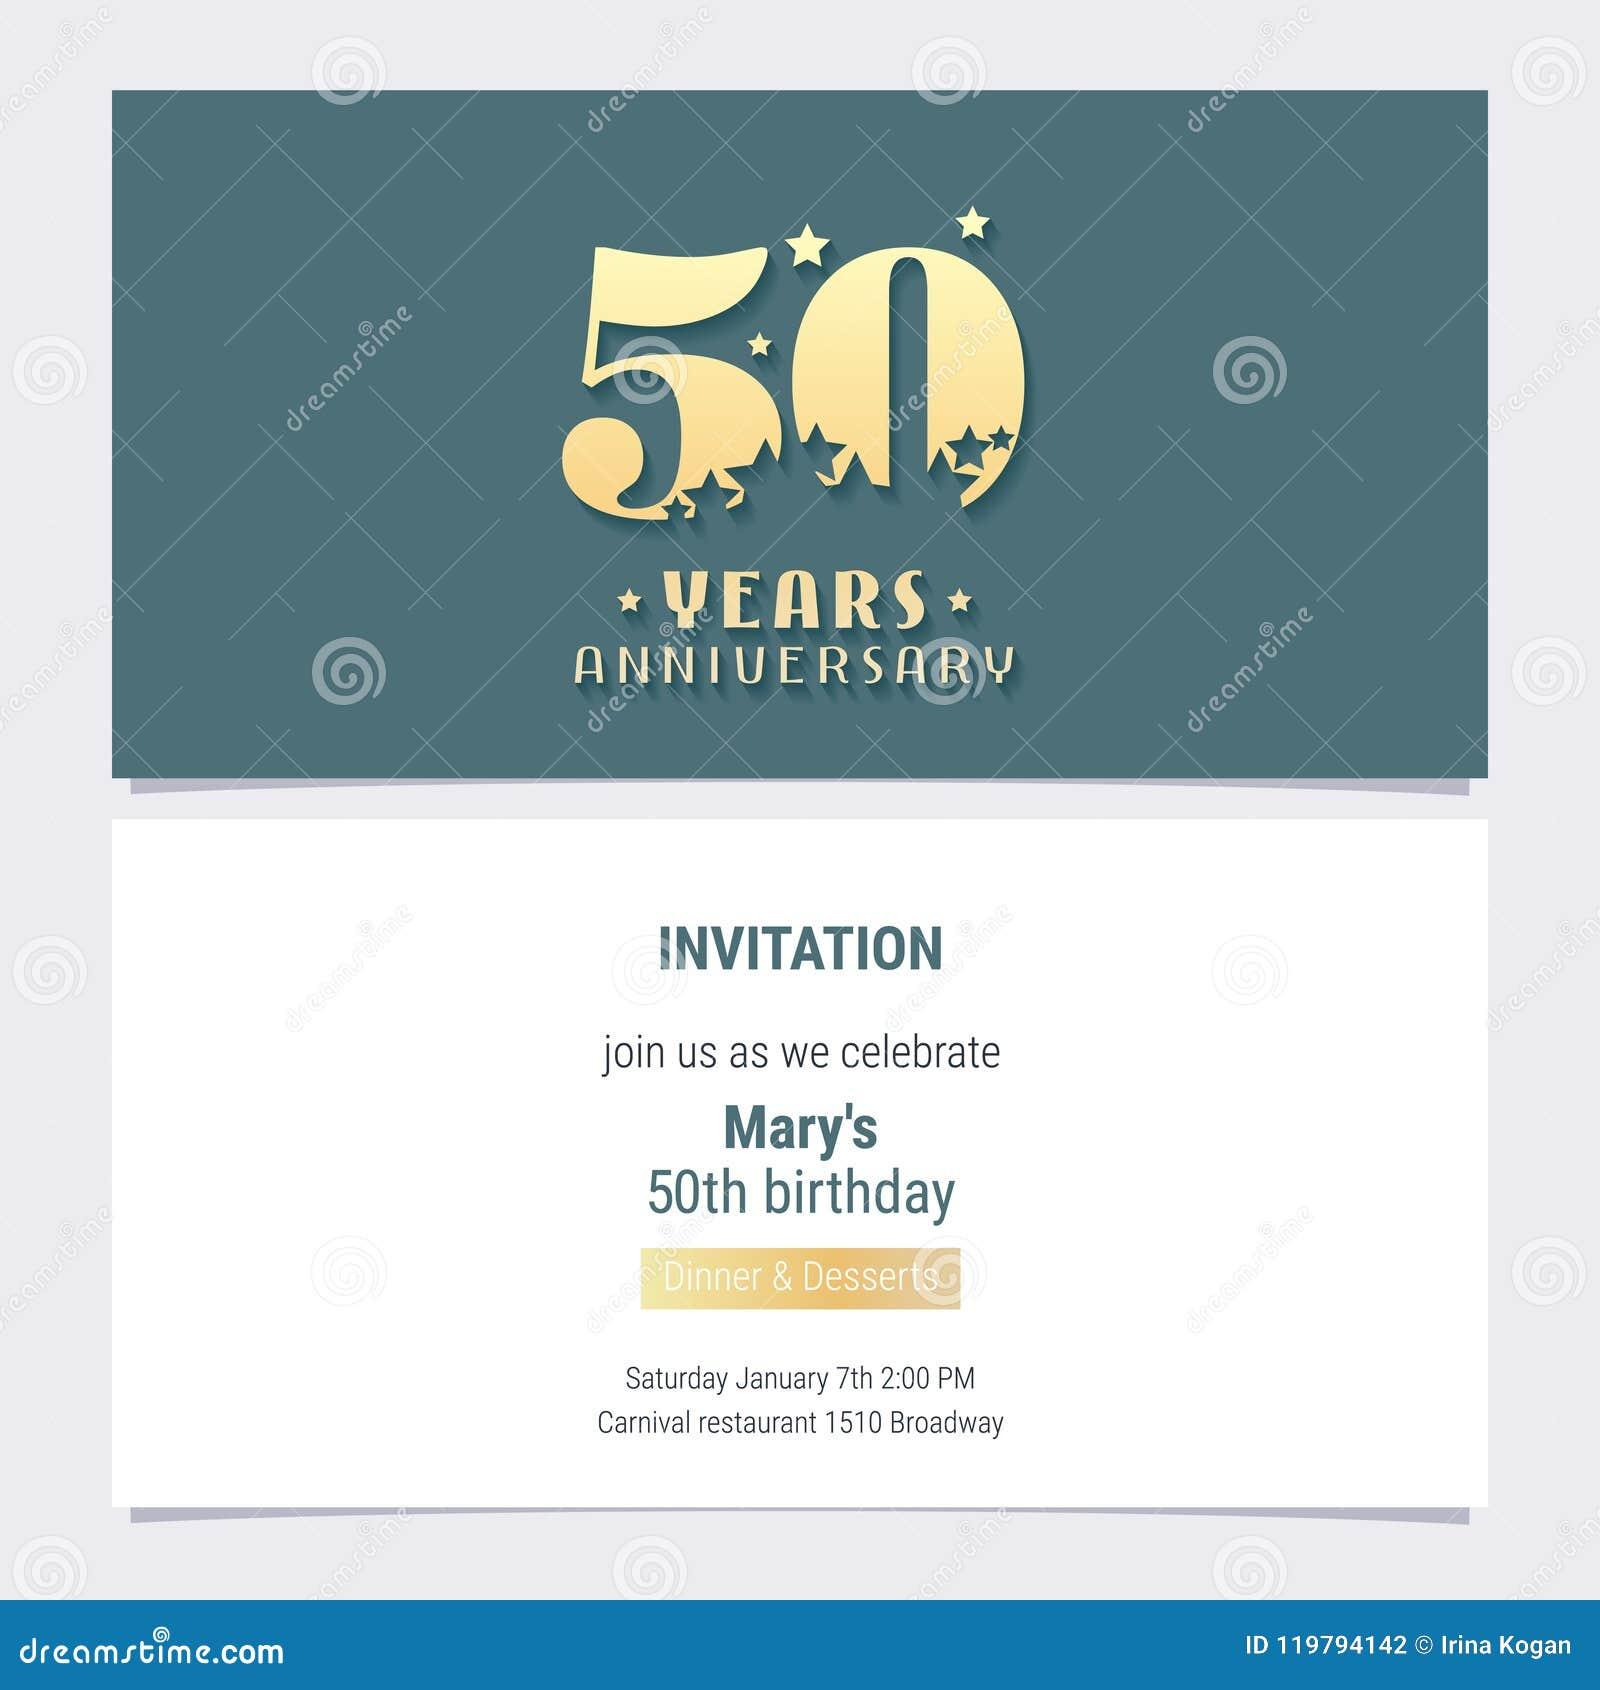 50 Years Anniversary Invitation Vector Stock